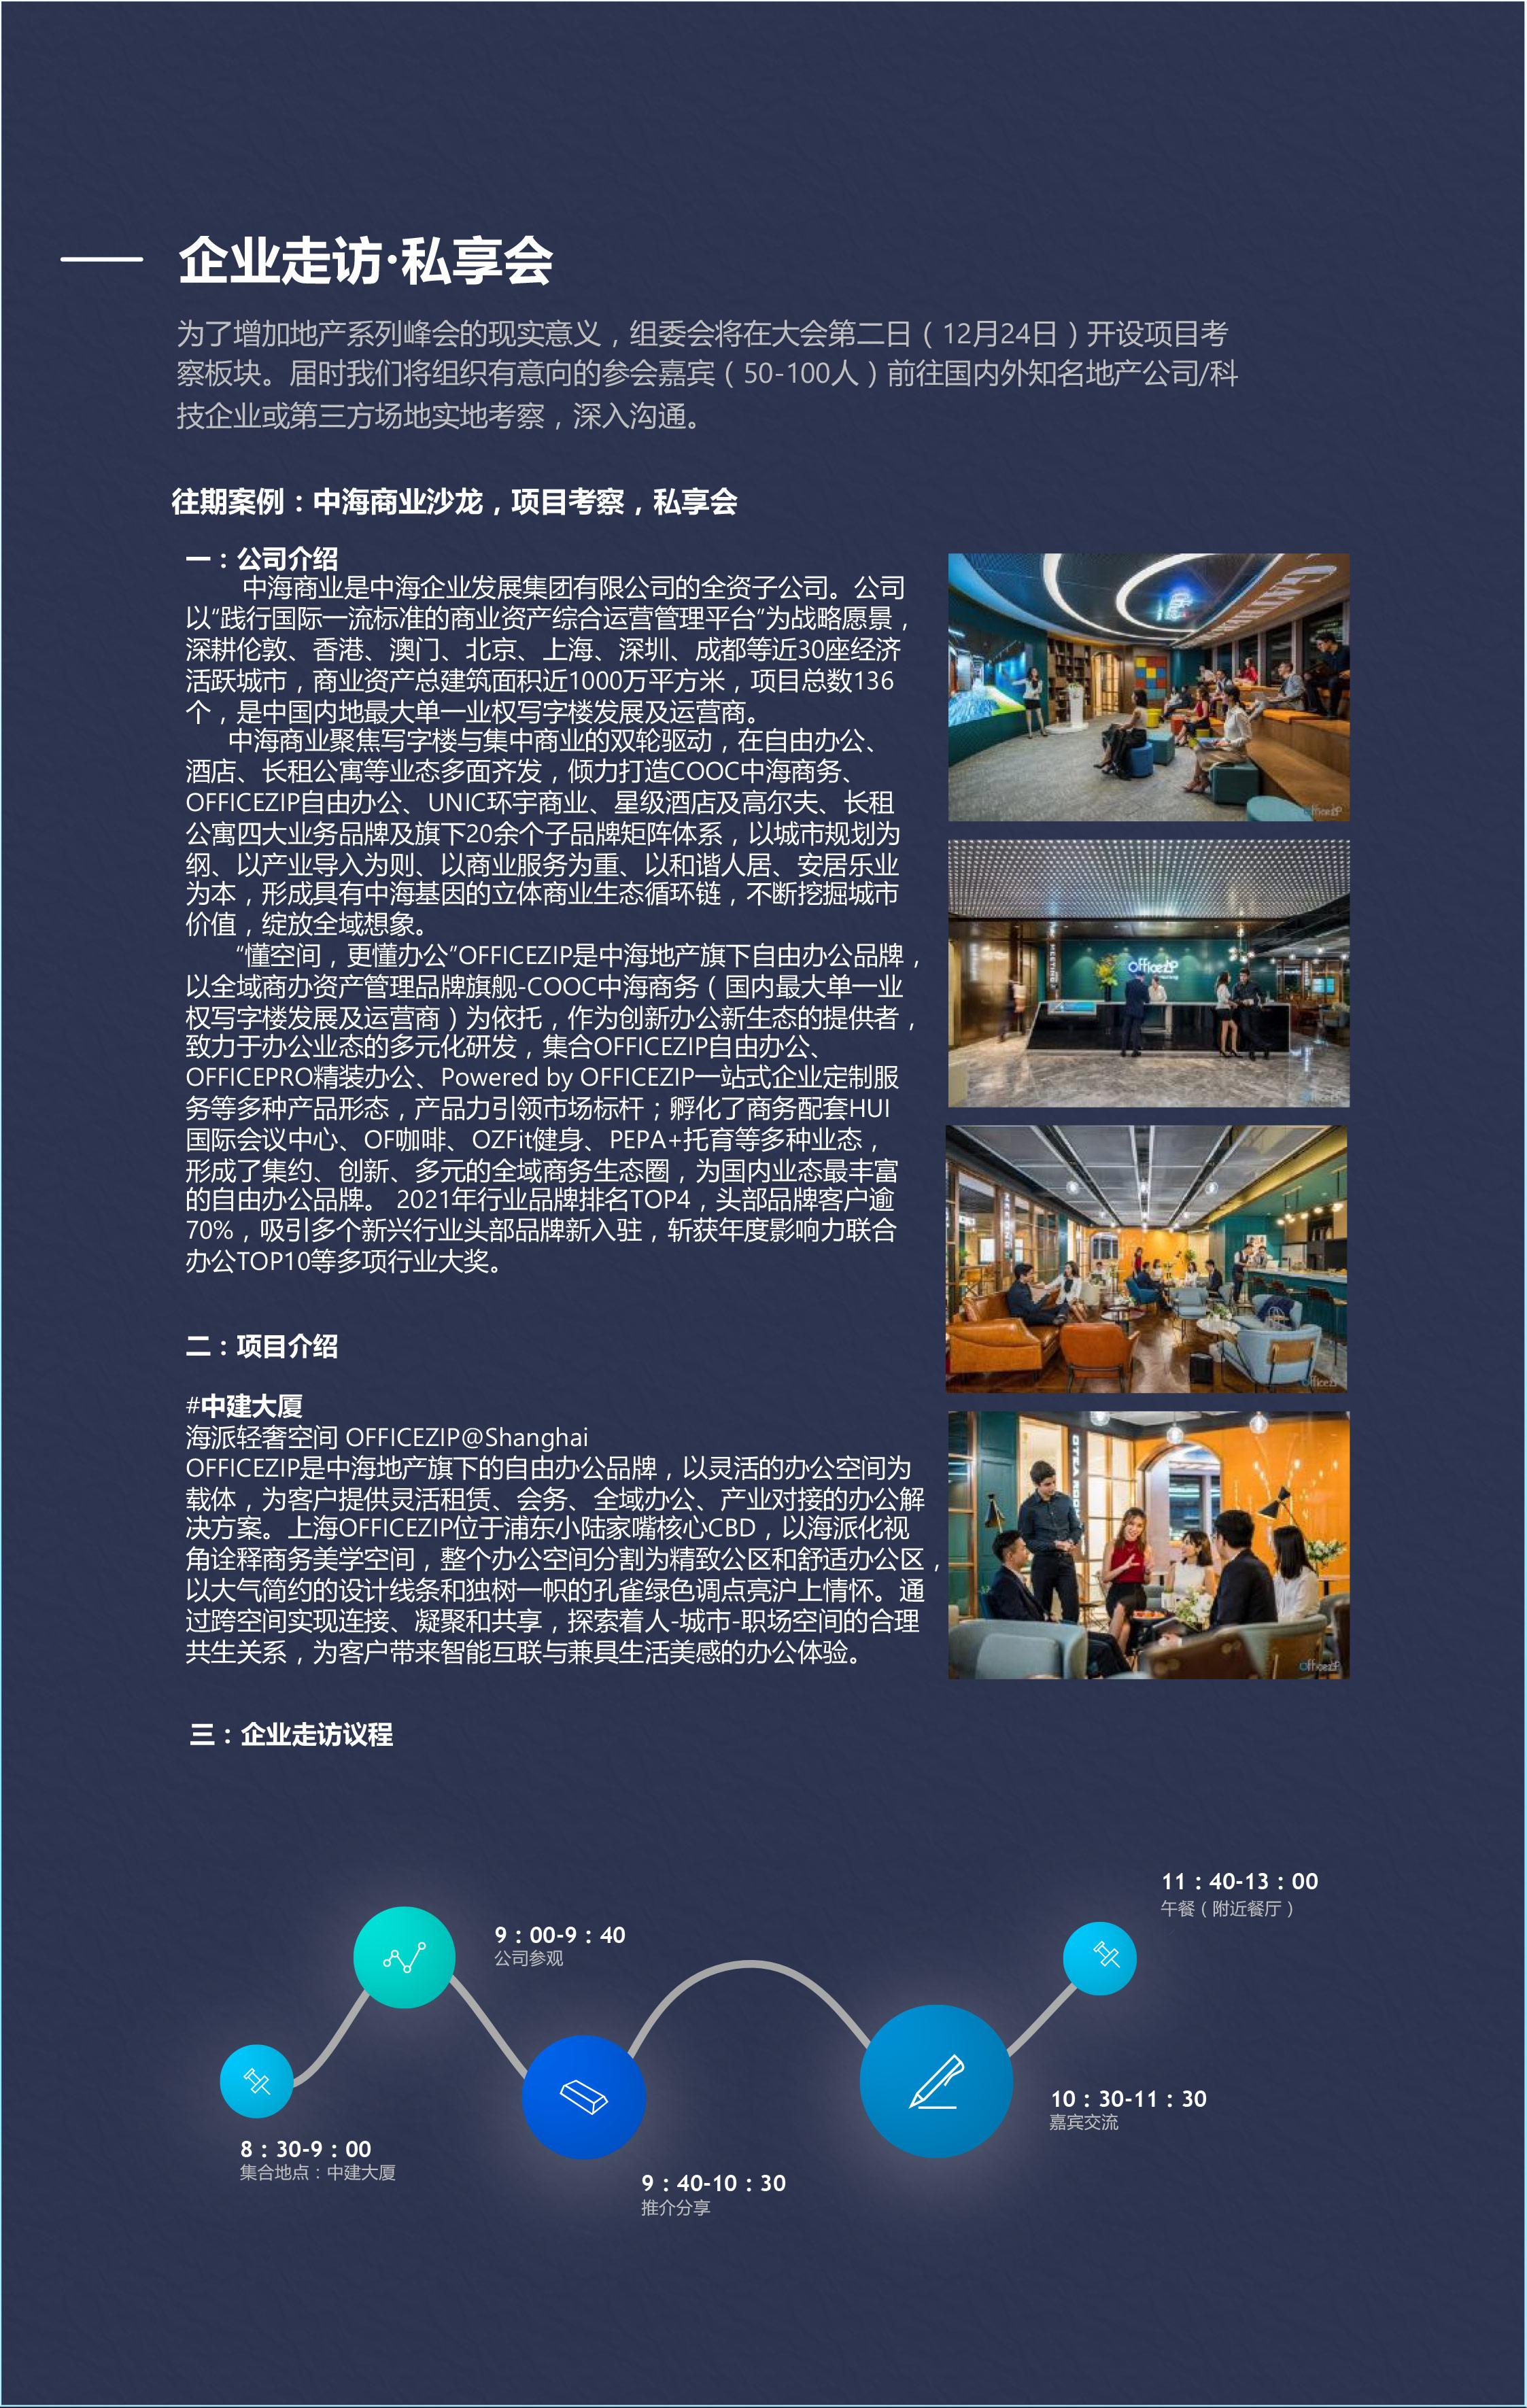 第三届SmartProp智慧地产-营销与运营峰会 · 暨地产创新大奖颁奖典礼